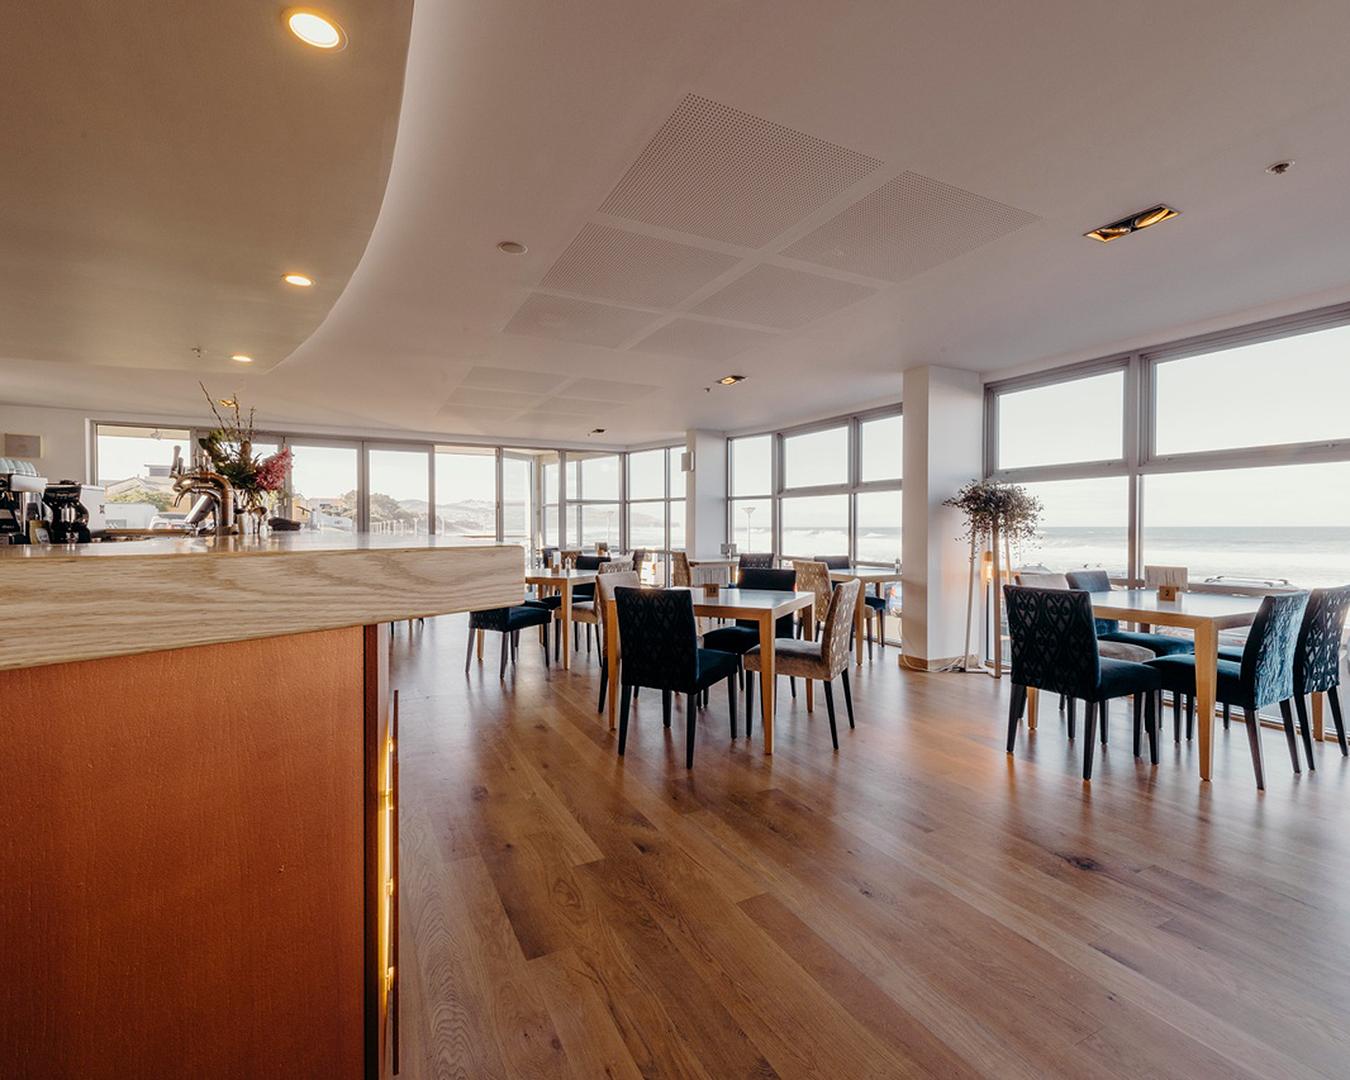 The interior of titi restaurant.